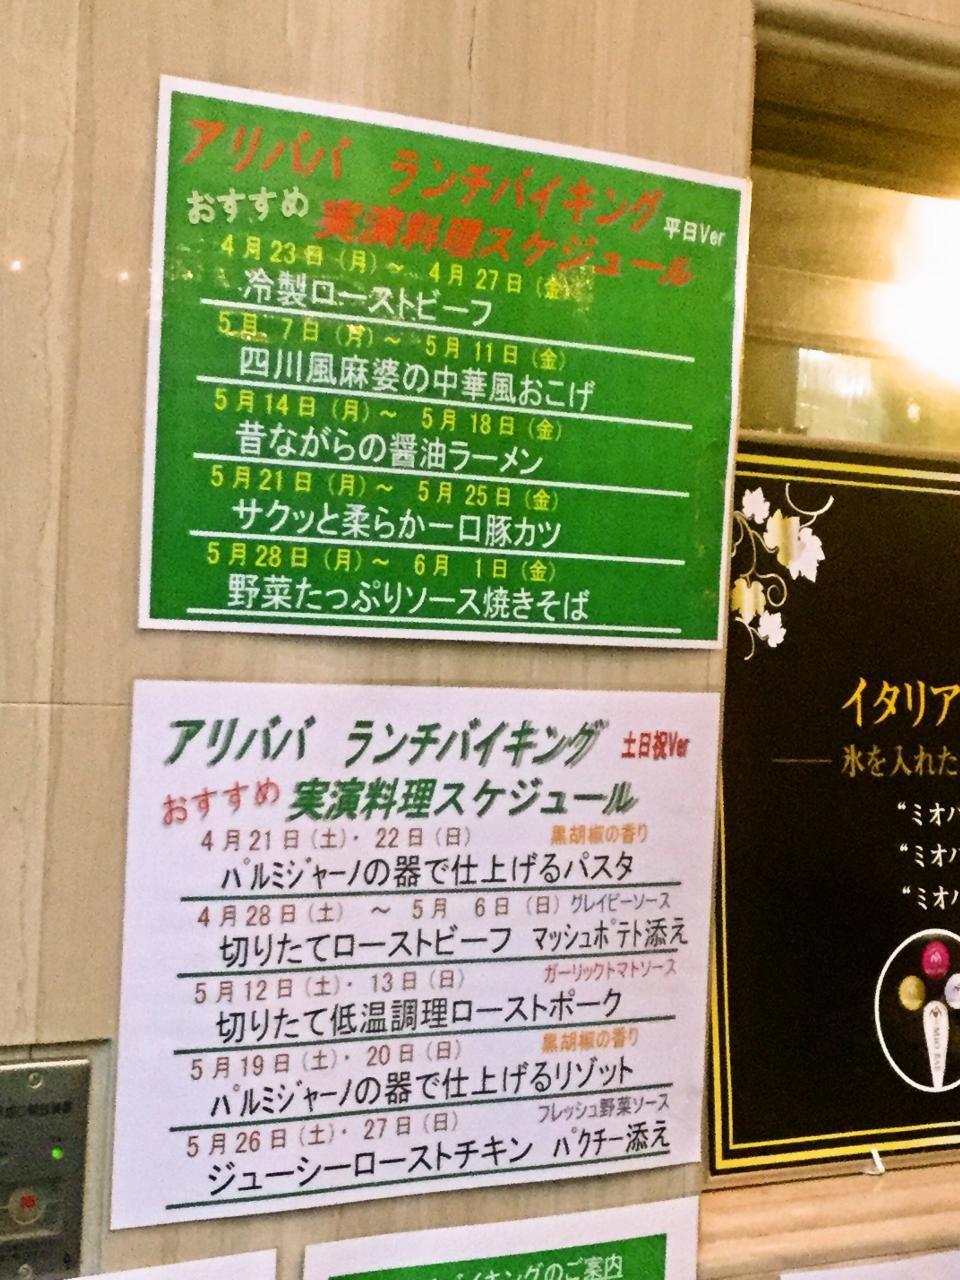 崎陽軒本店 亜利巴゛巴゛(店舗)